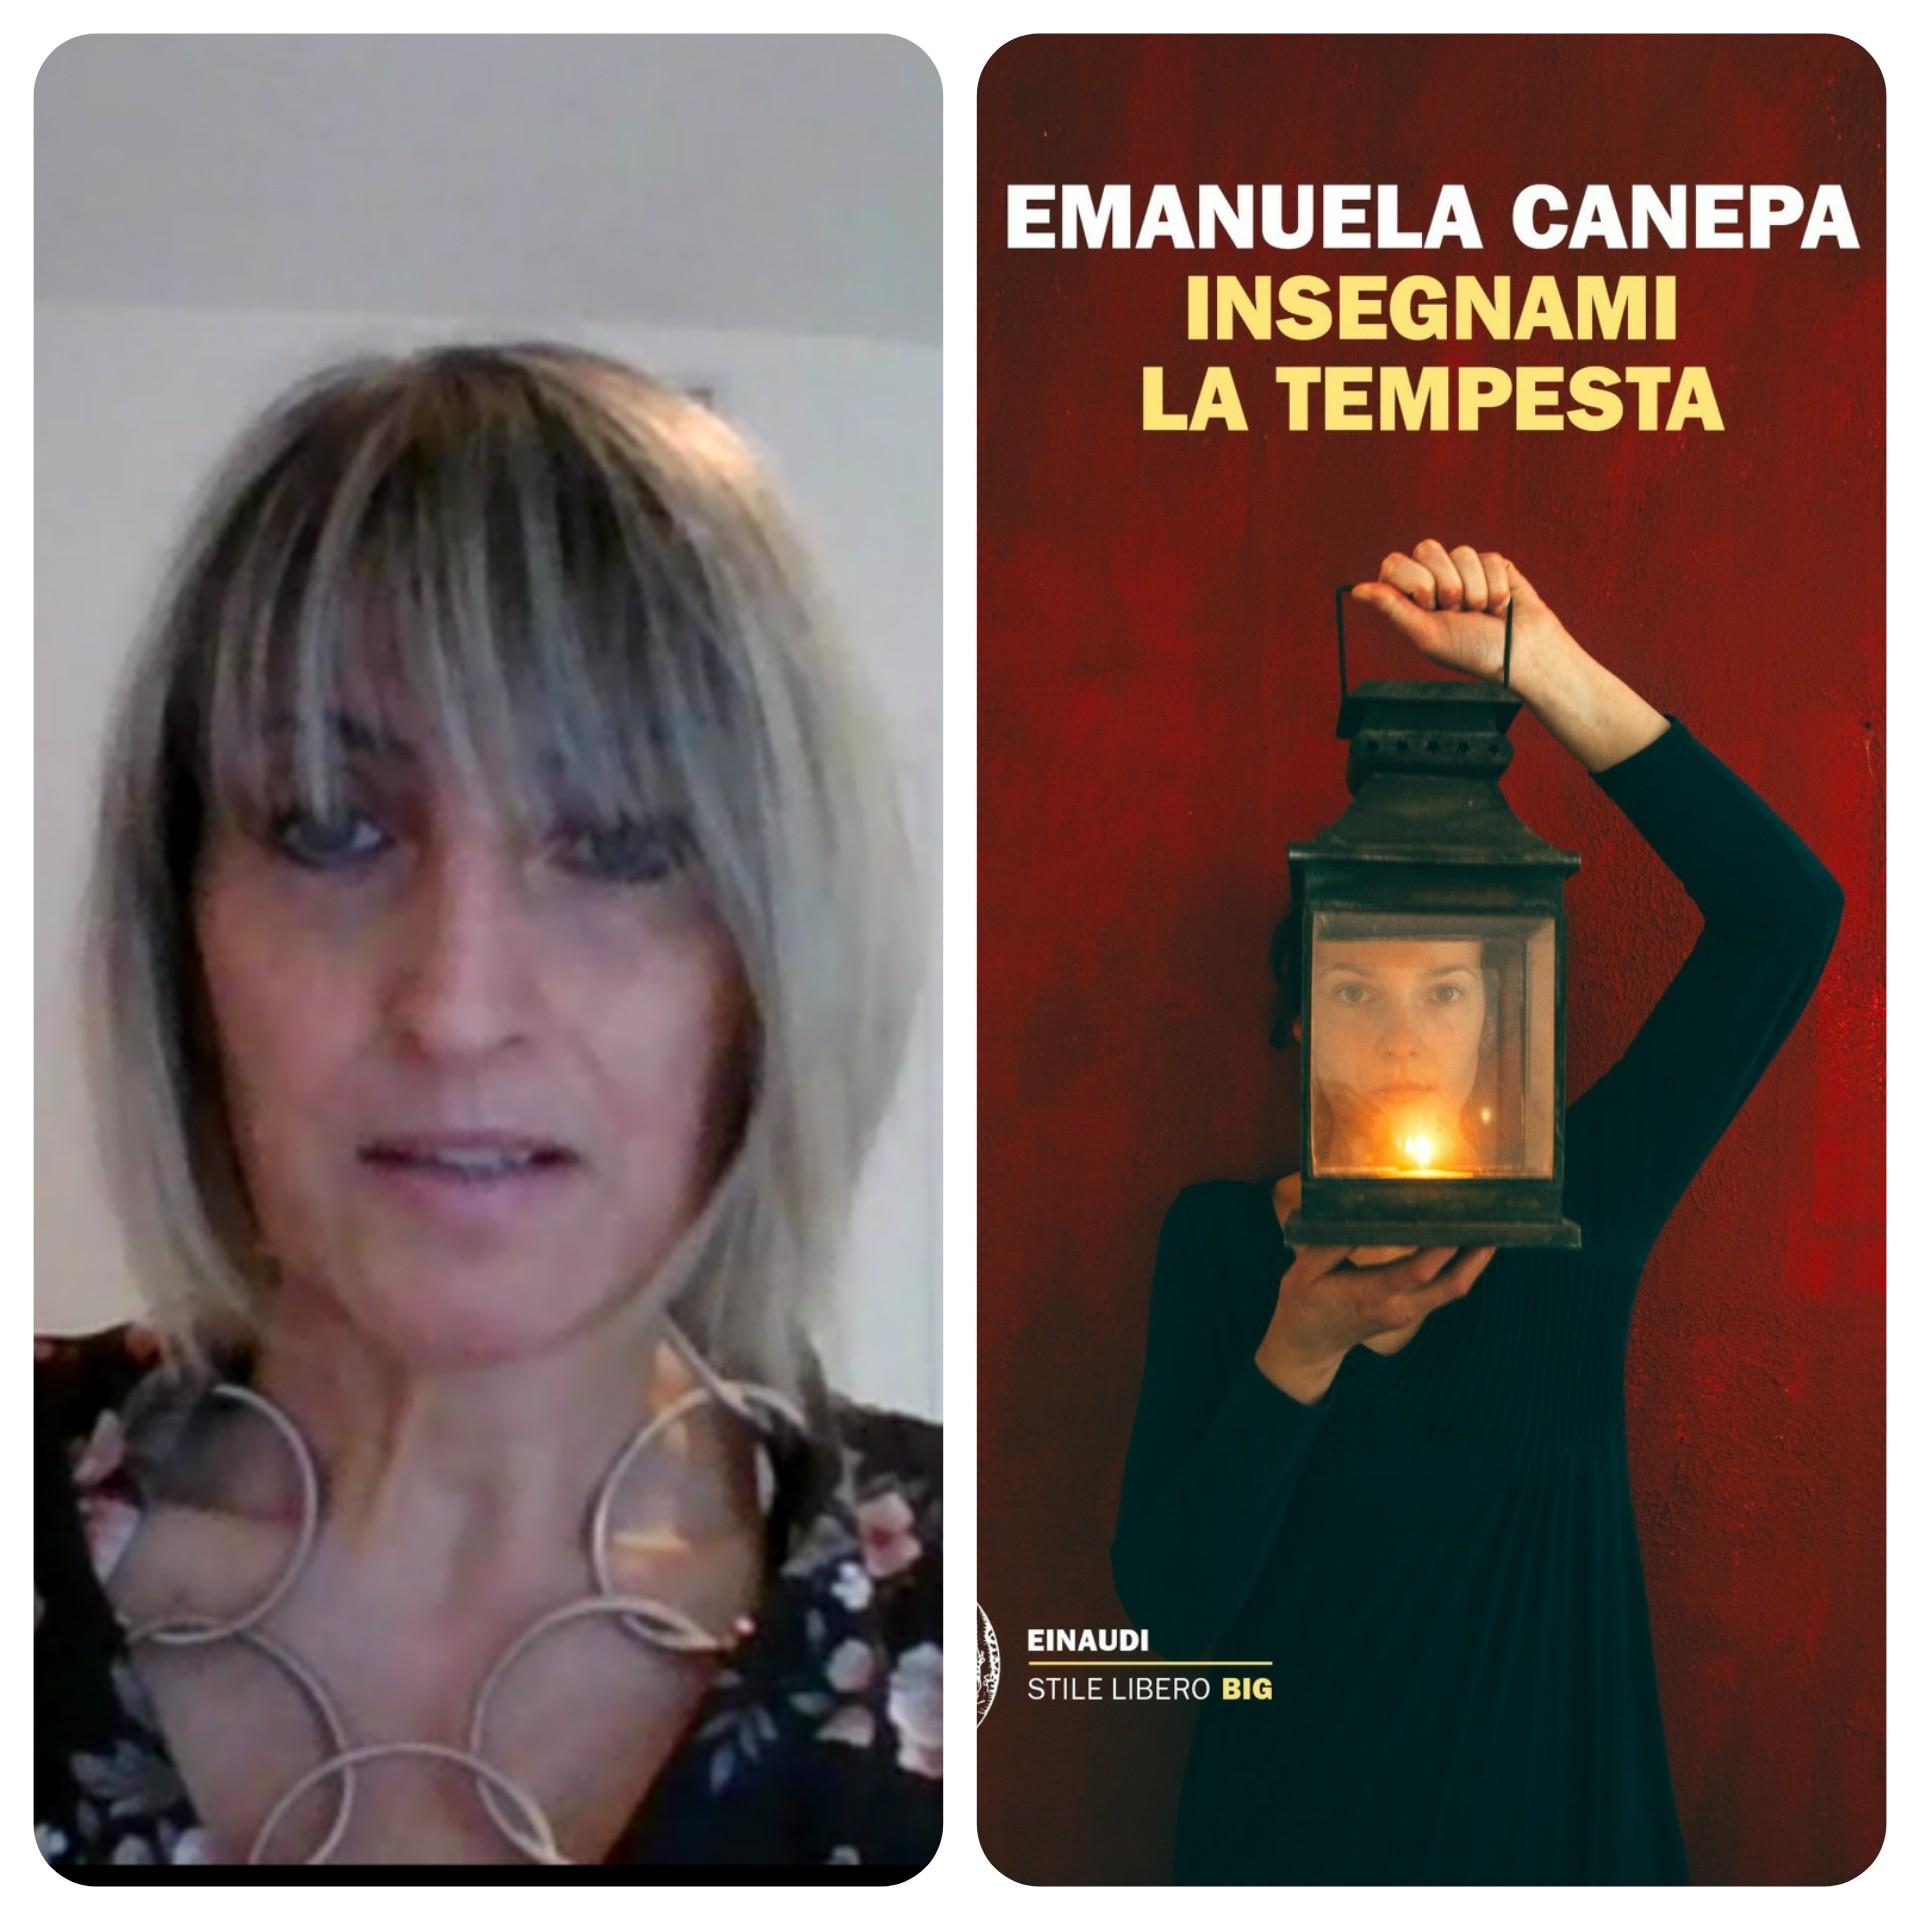 """""""Ve lo legge lo scrittore"""" stasera ospite del Blog c'è Emanuela Canepa autrice del romanzo """"Insegnami la tempesta"""" edito  da Einaudi"""